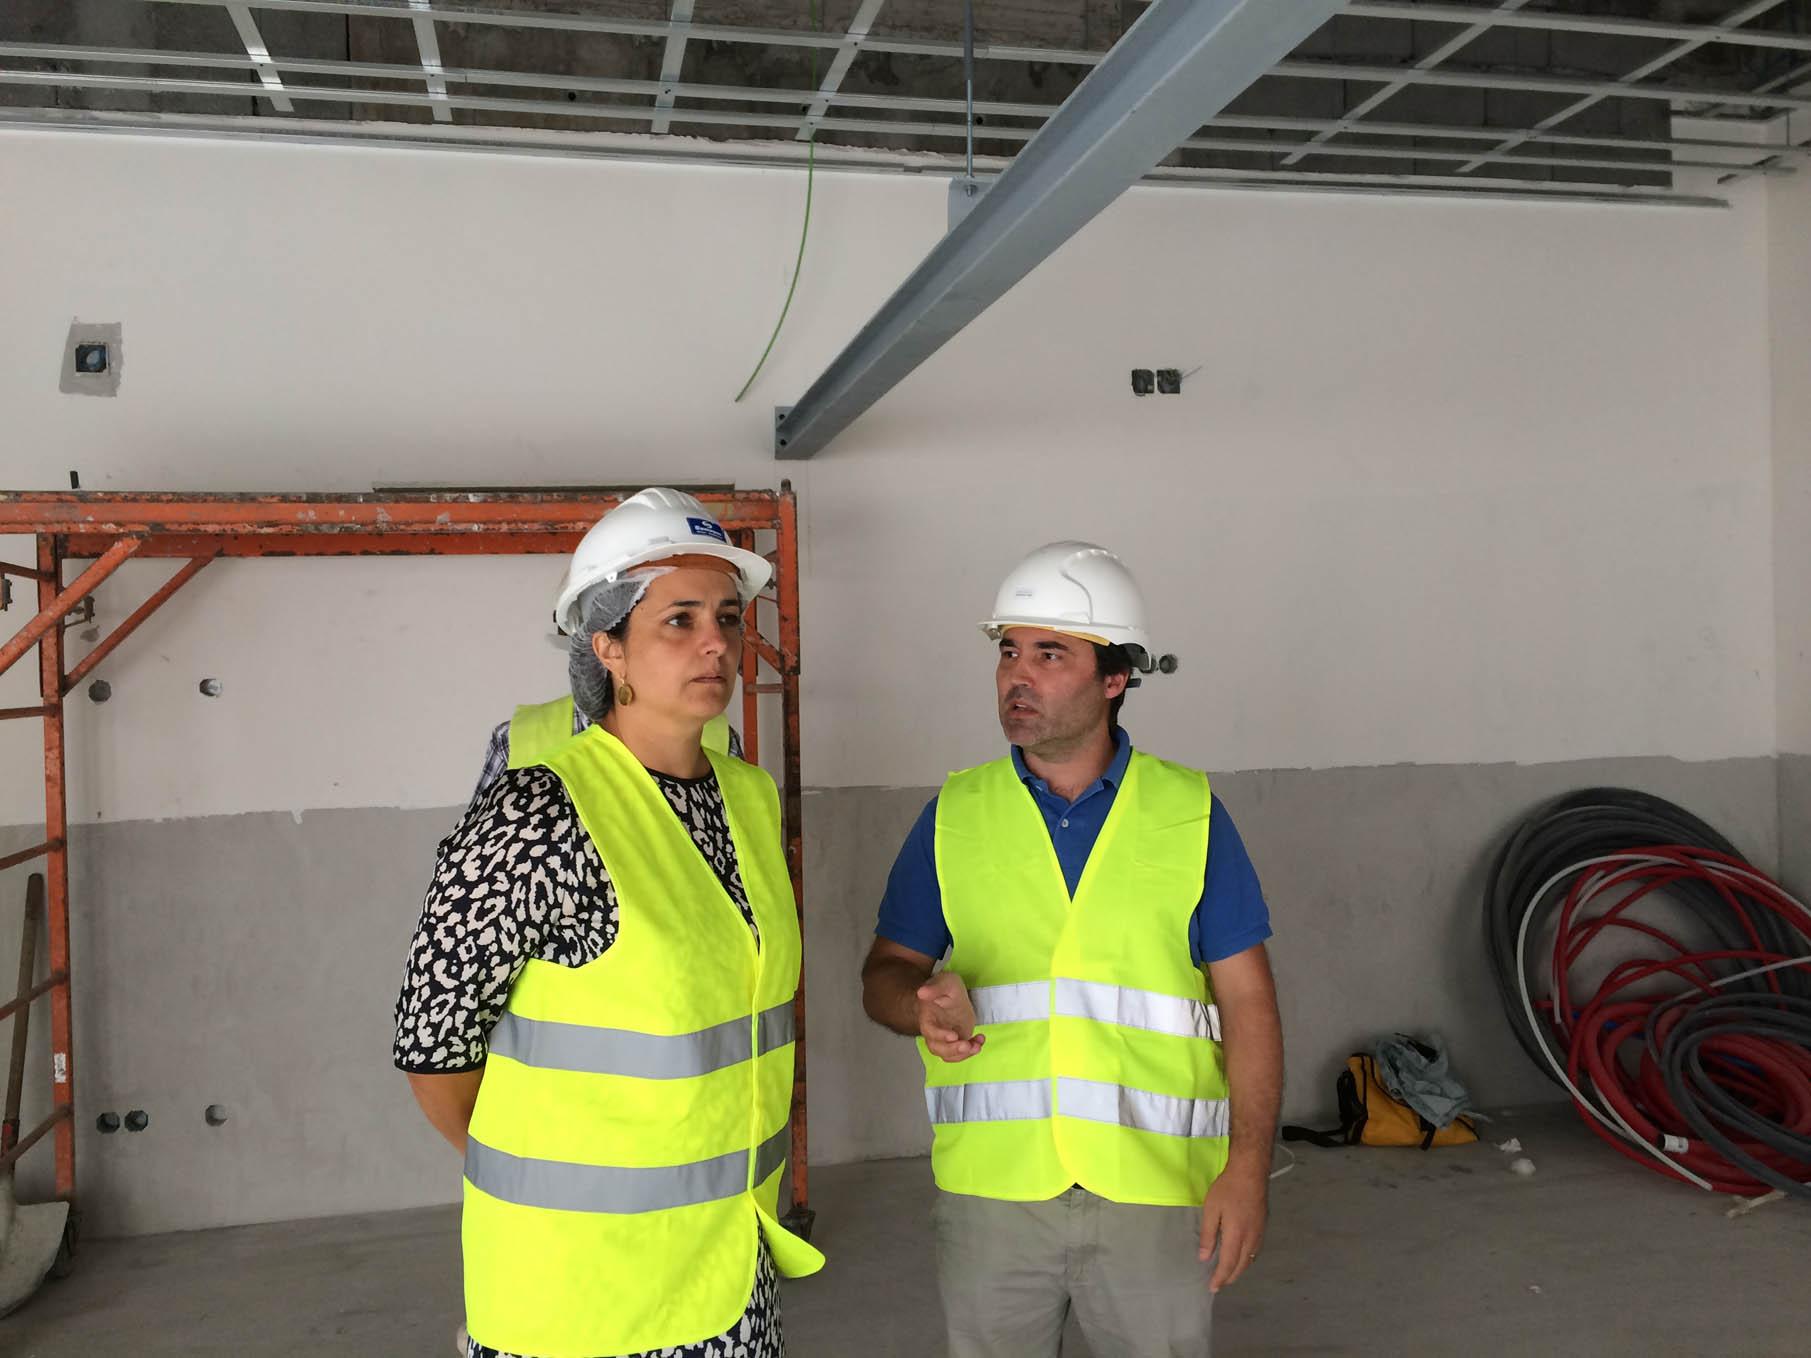 Governo dos Açores investe 1.4 ME na remodelação do Centro Infantil de Angra do Heroísmo